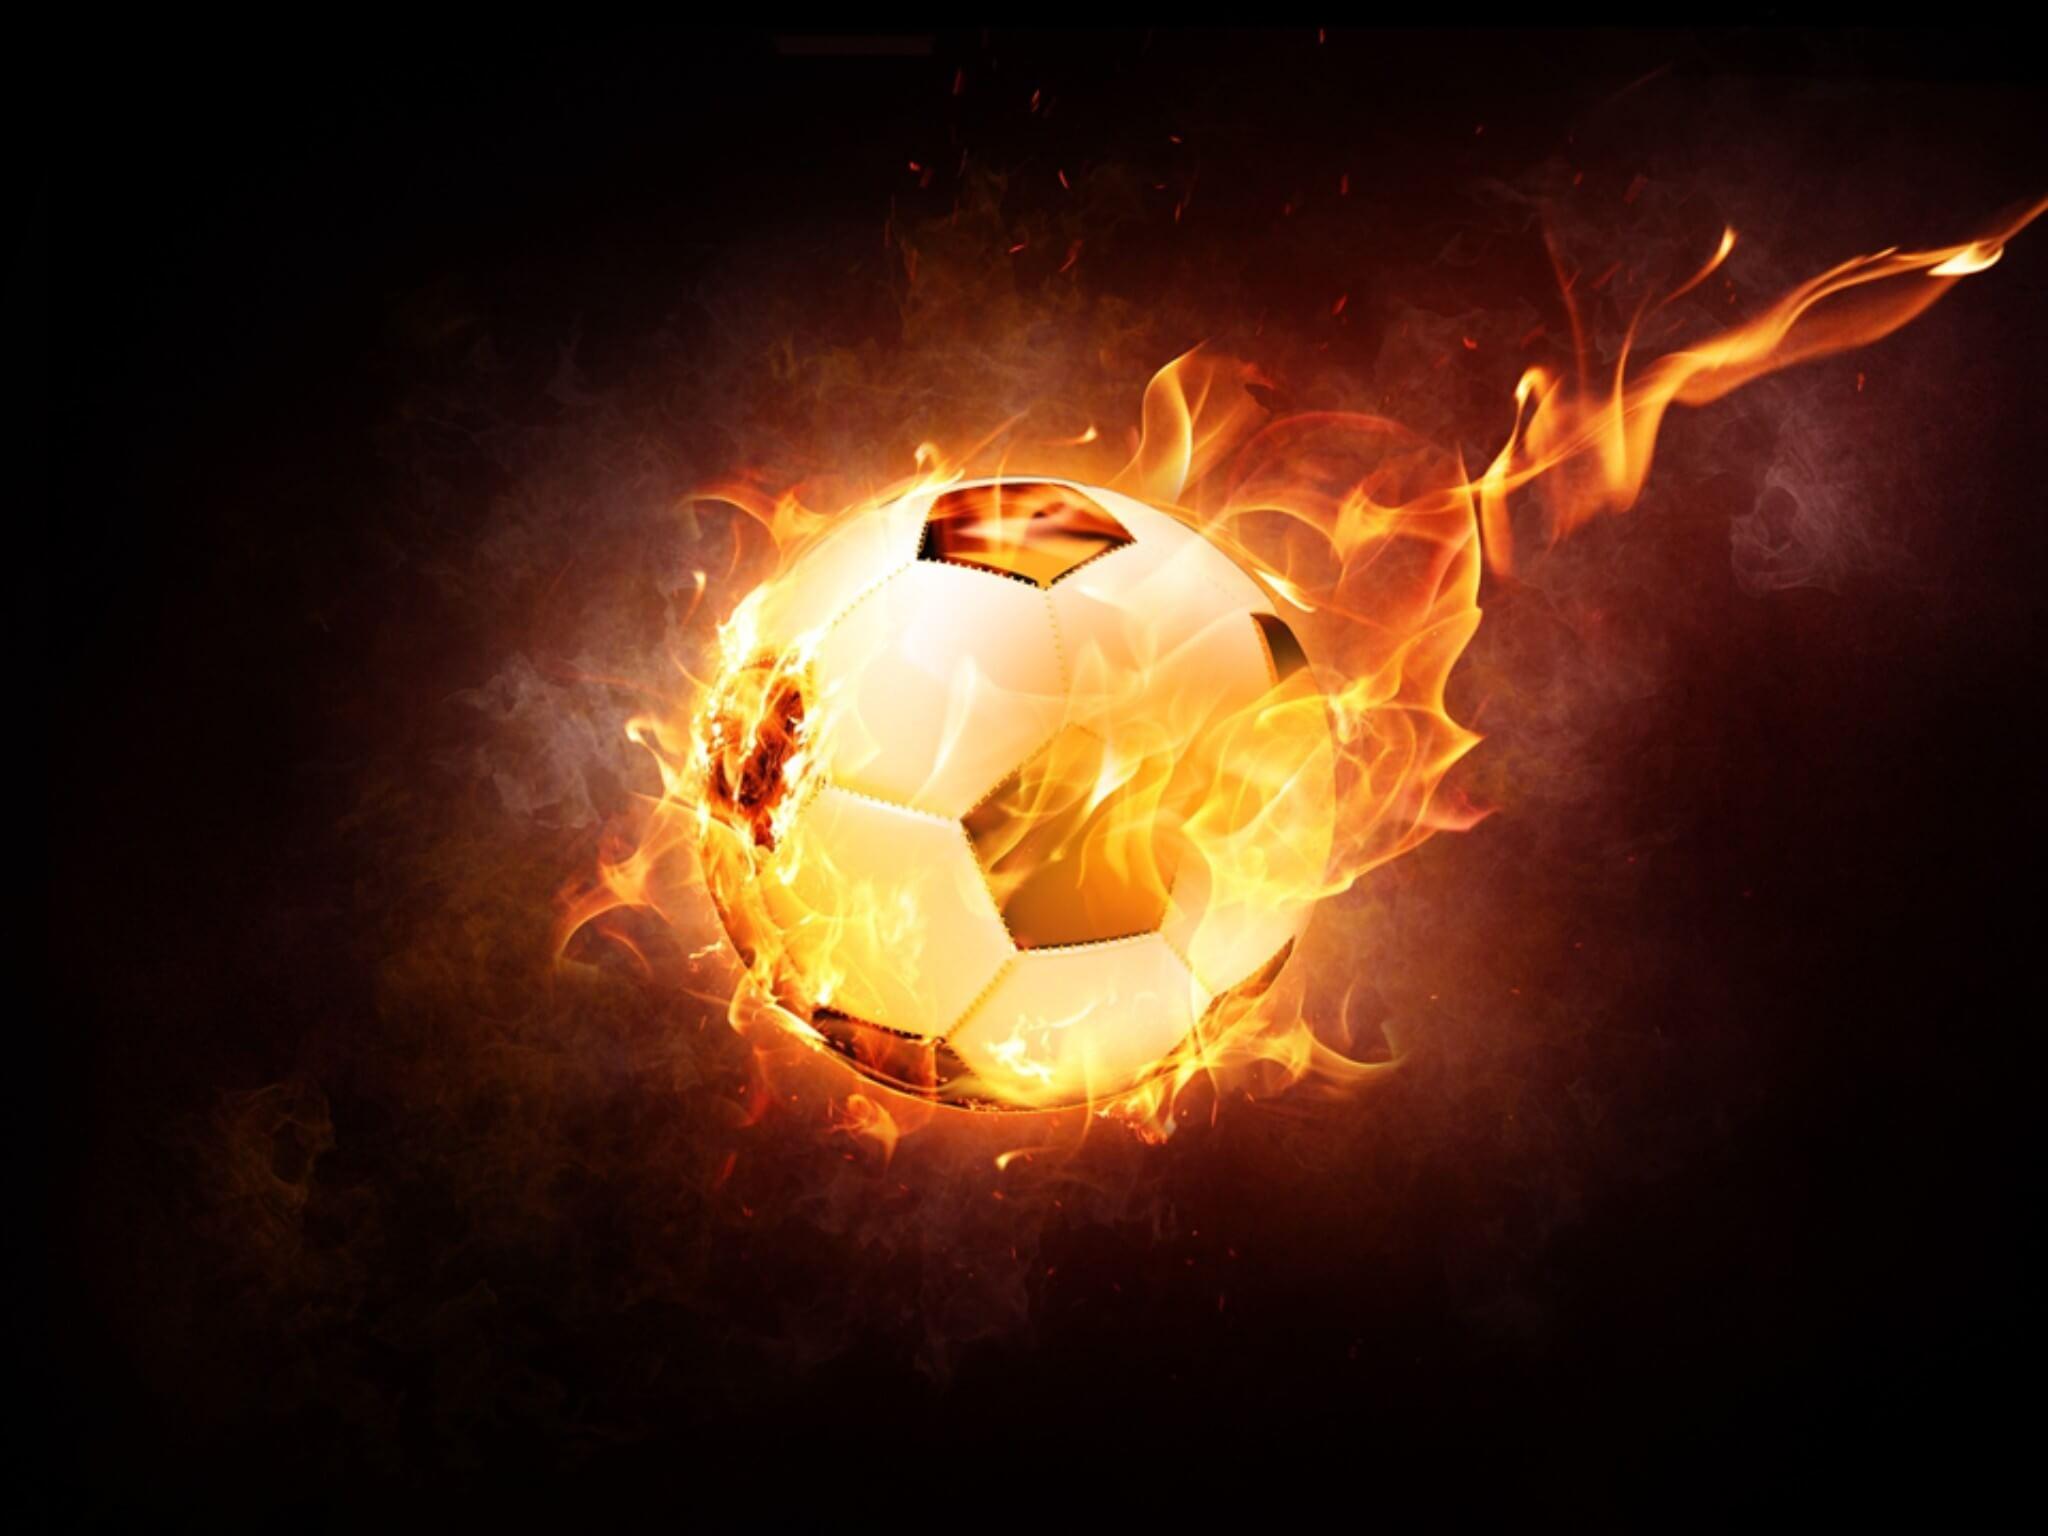 la forza nel calcio